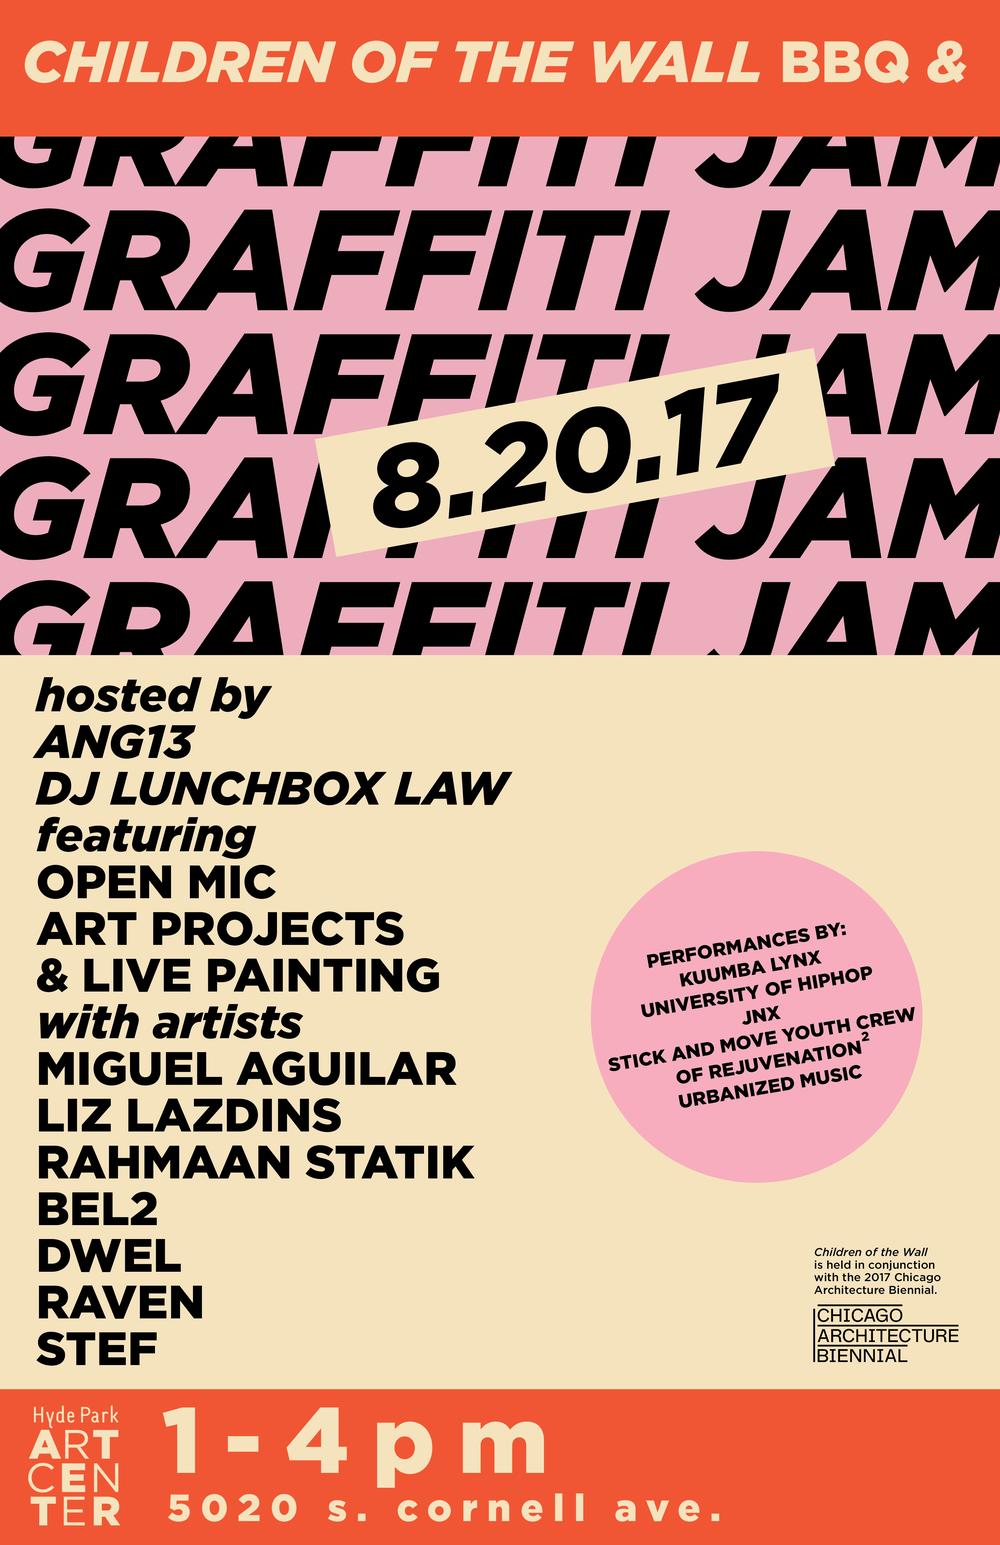 GRAFFITIJAM-01.png